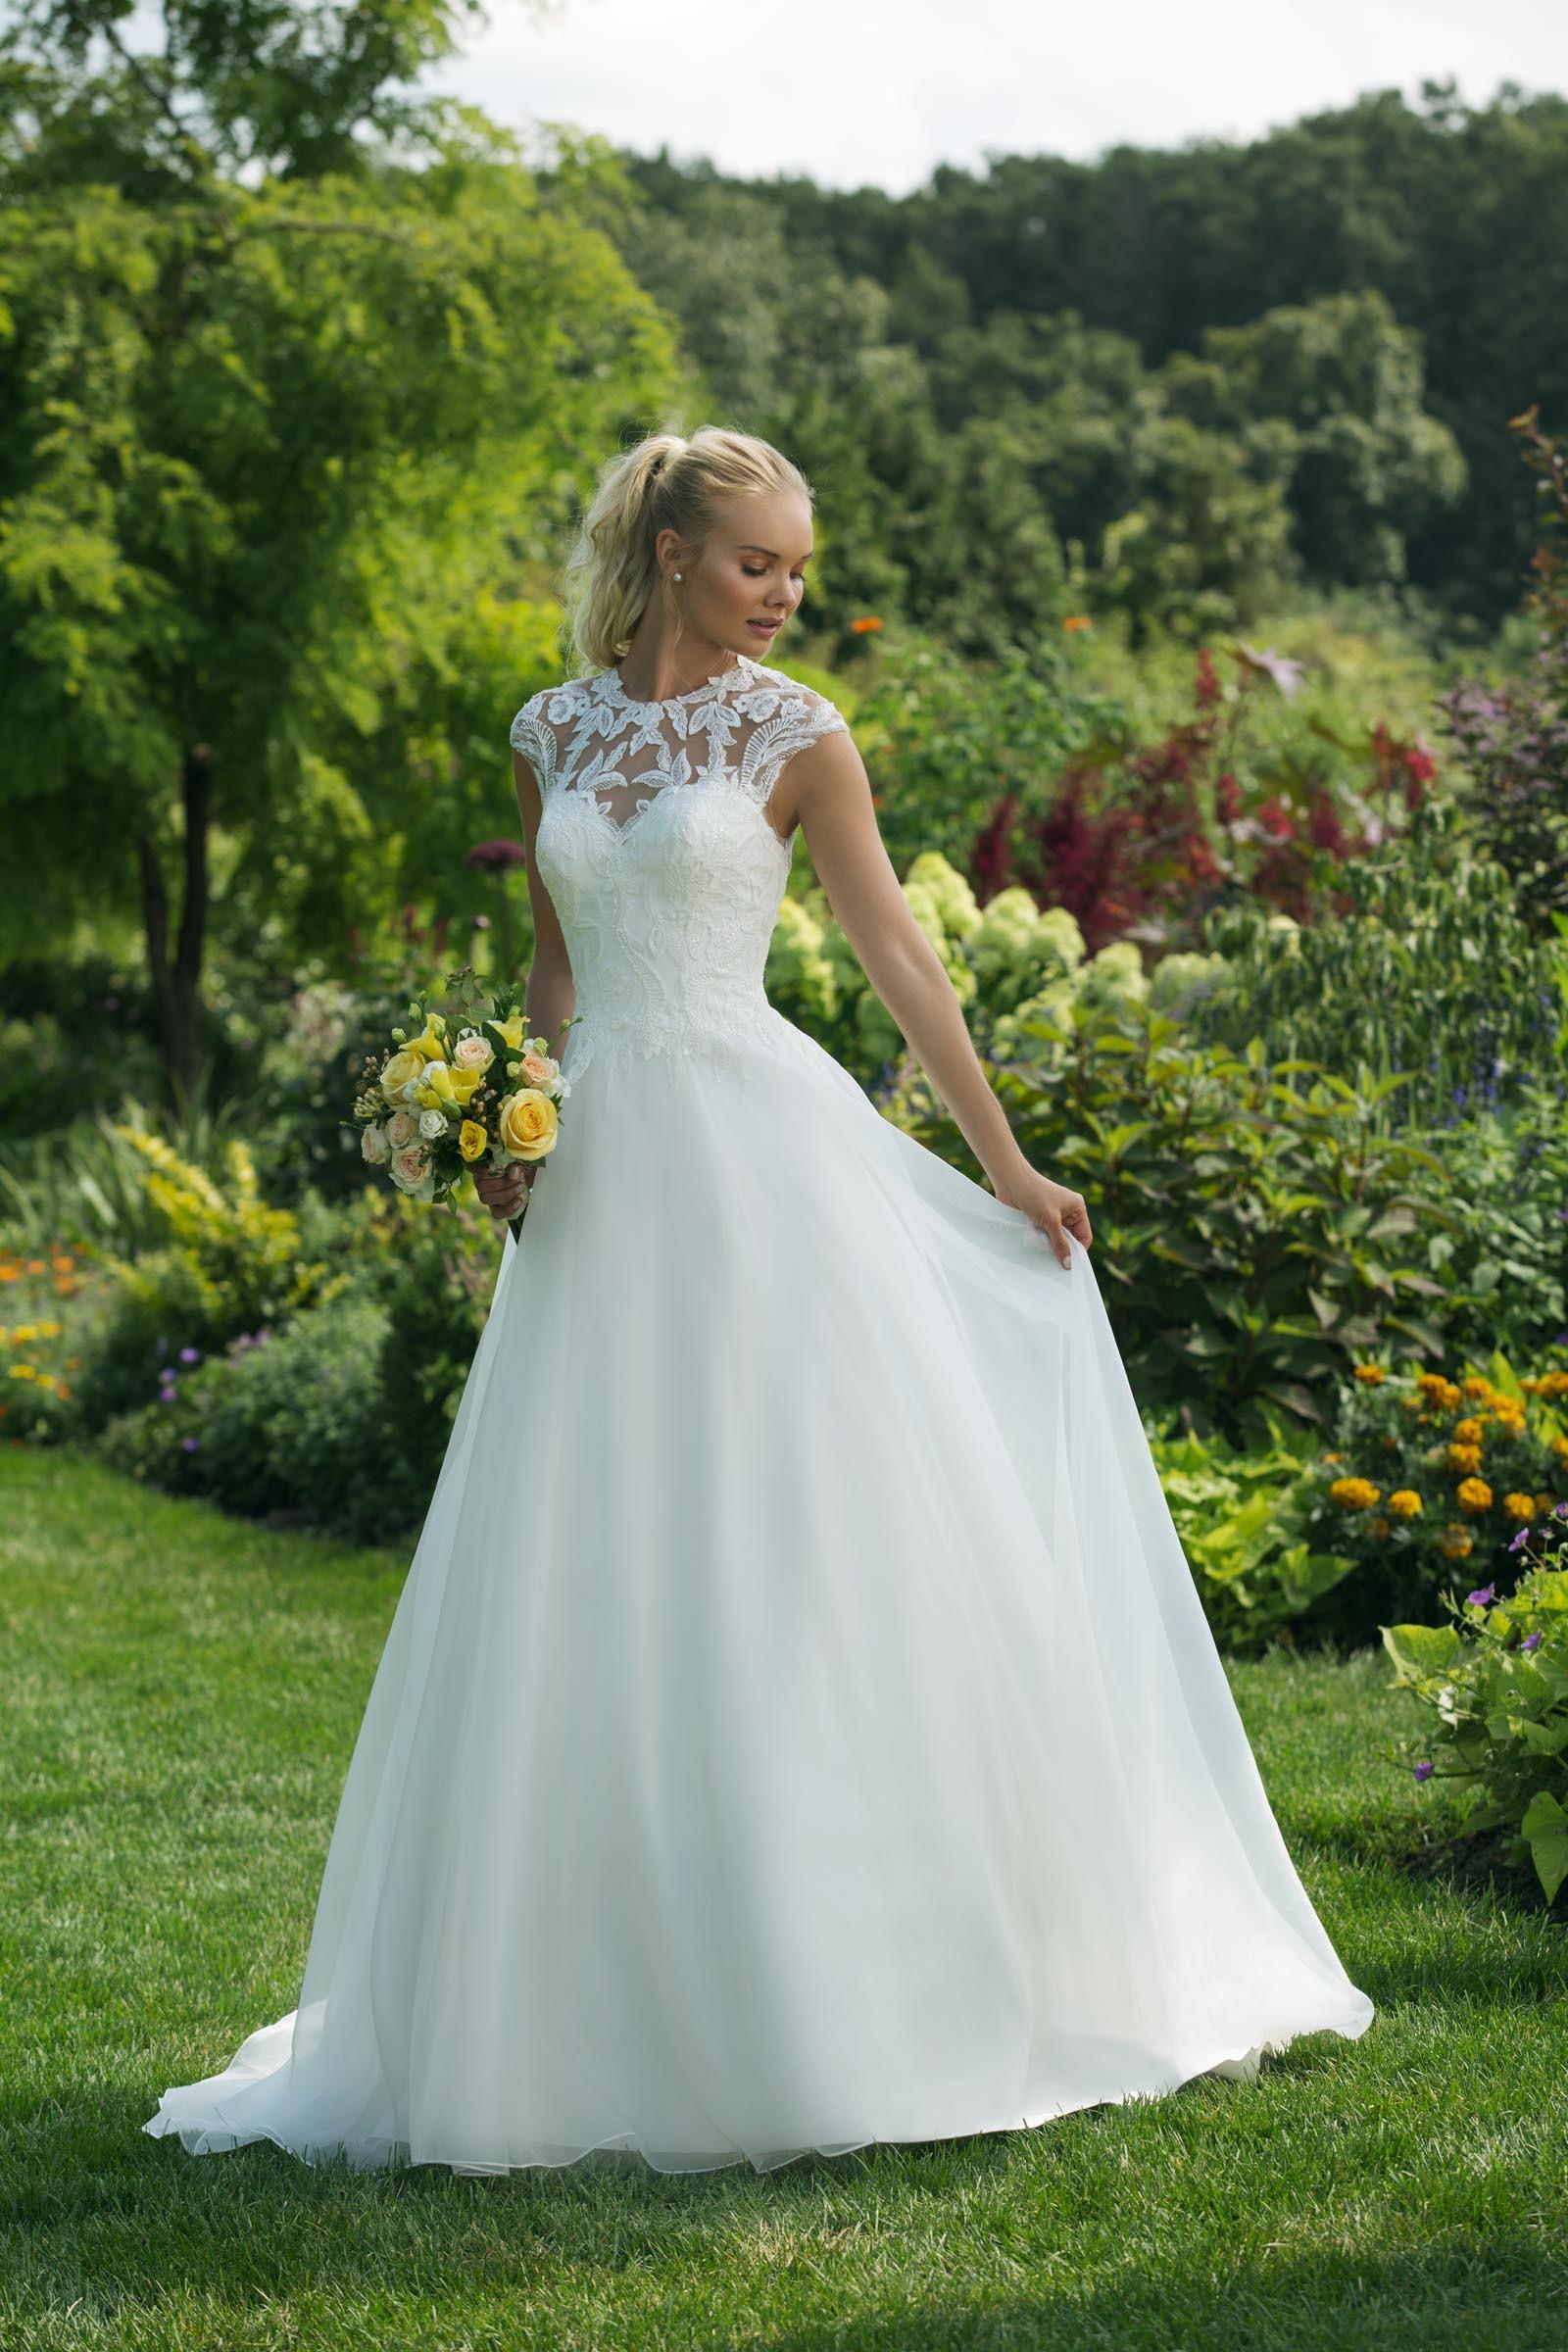 Brautkleid Hochgeschlossen | Weisses Brautkleid Im Prinzessschnitt Mit Spitze Hochgeschlossen